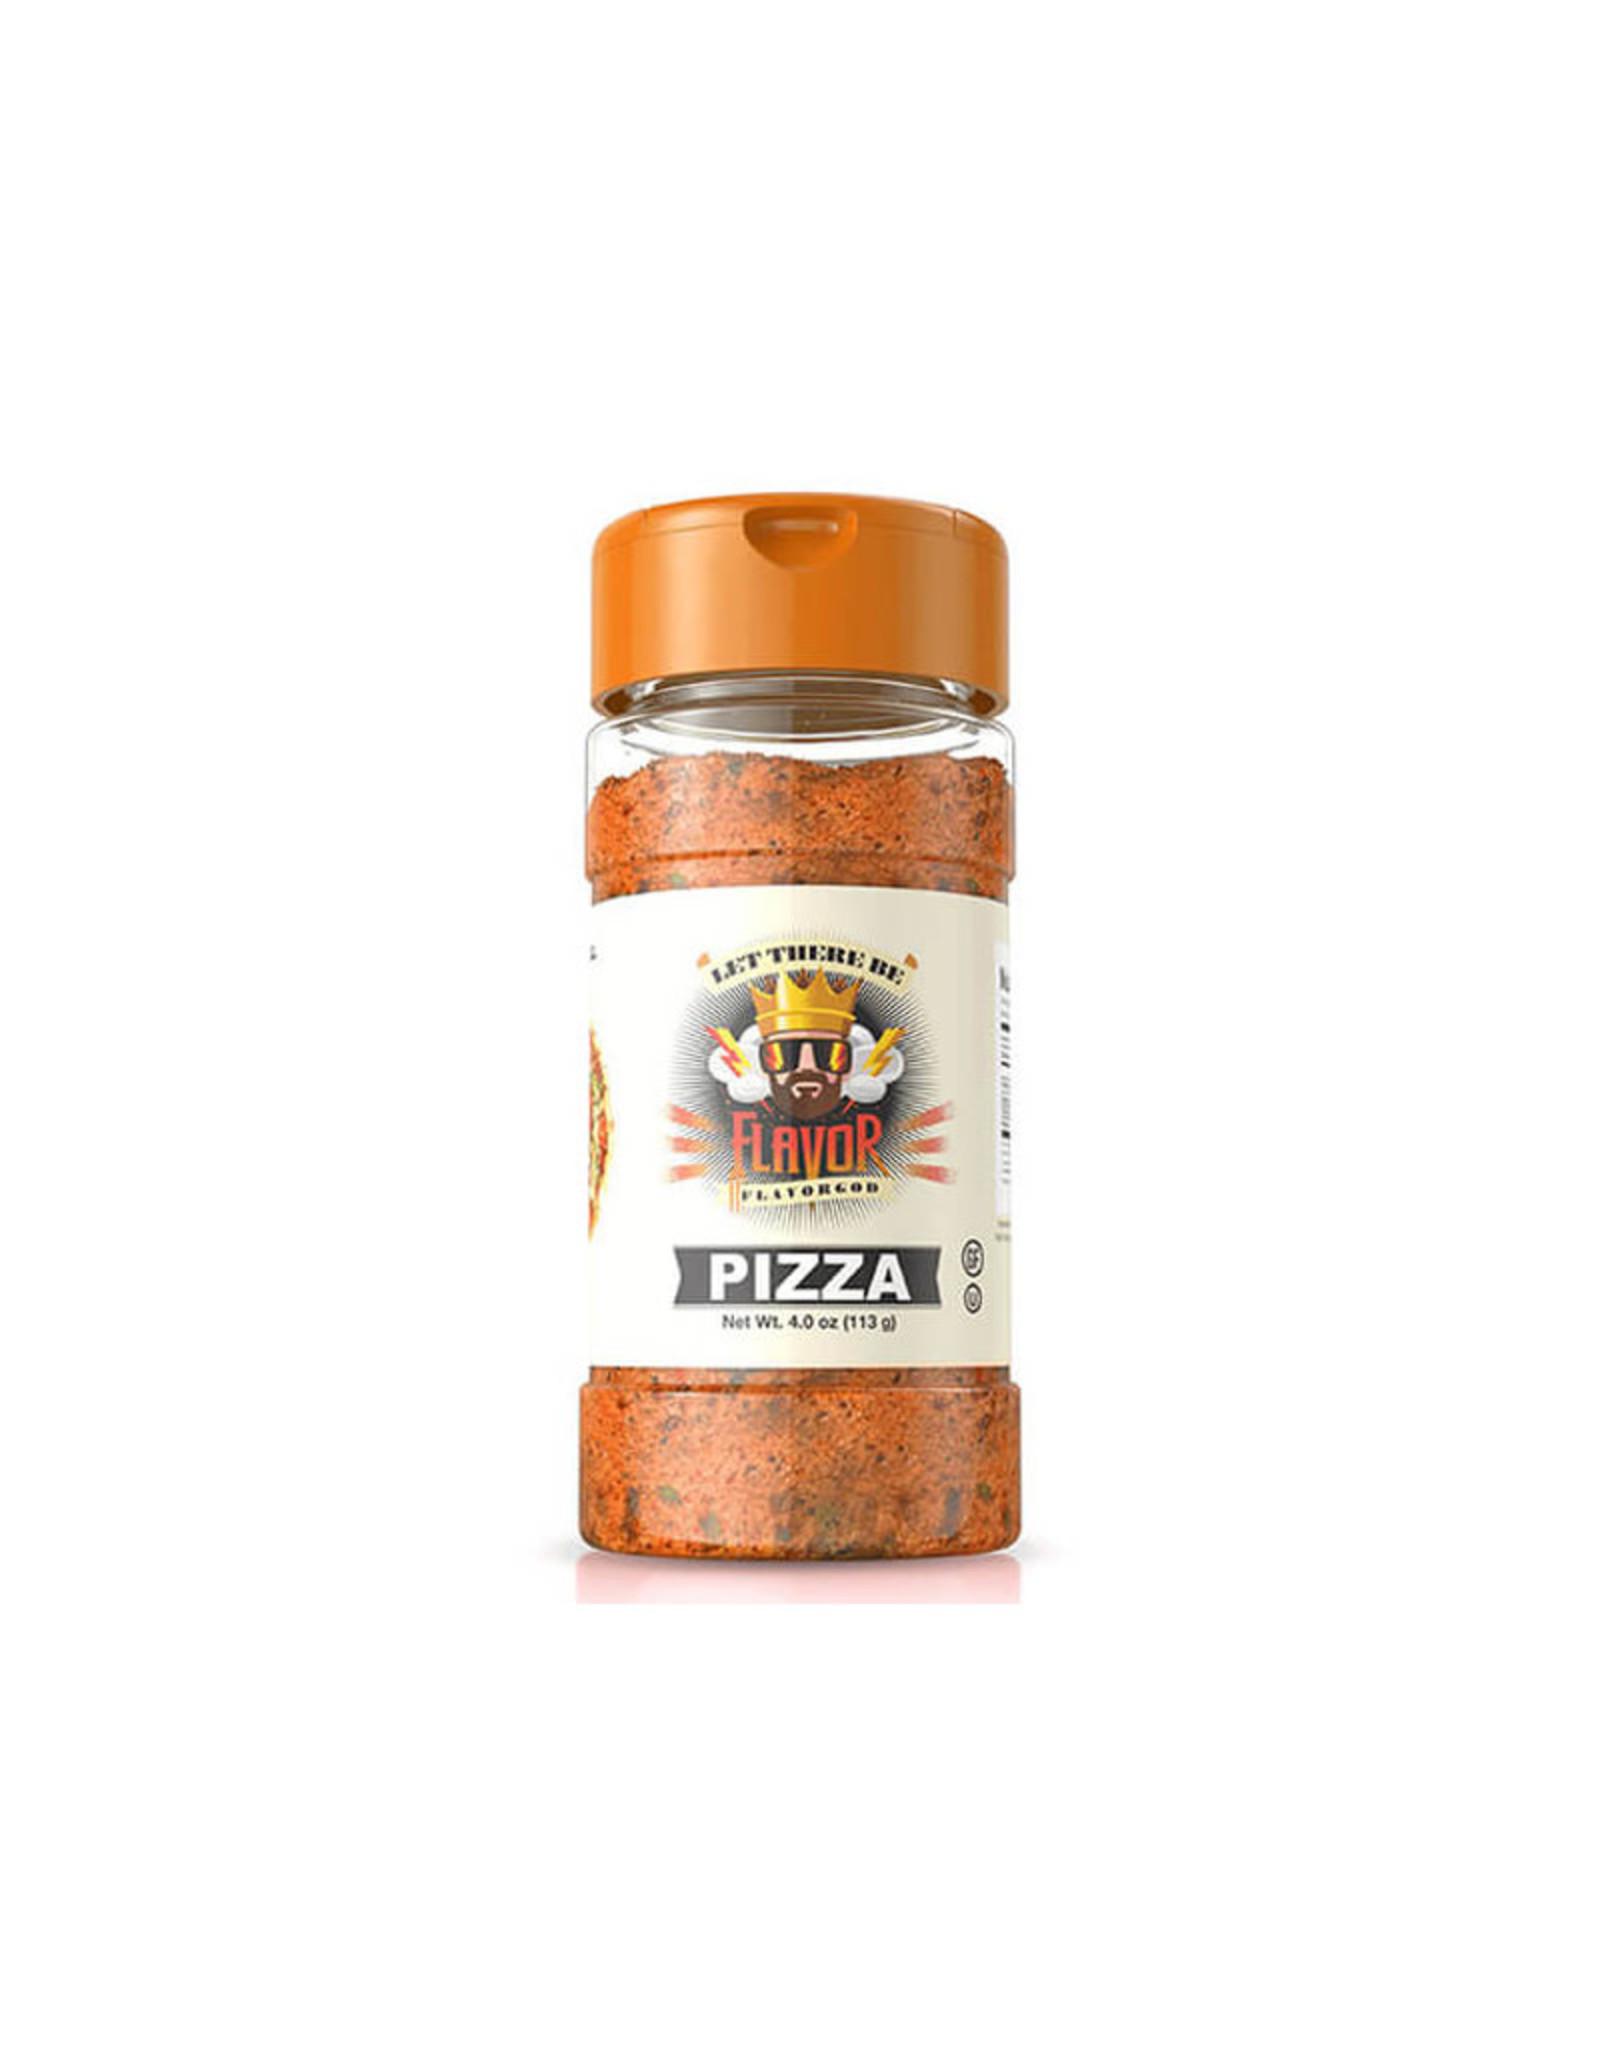 Flavor God Flavor God - Pizza